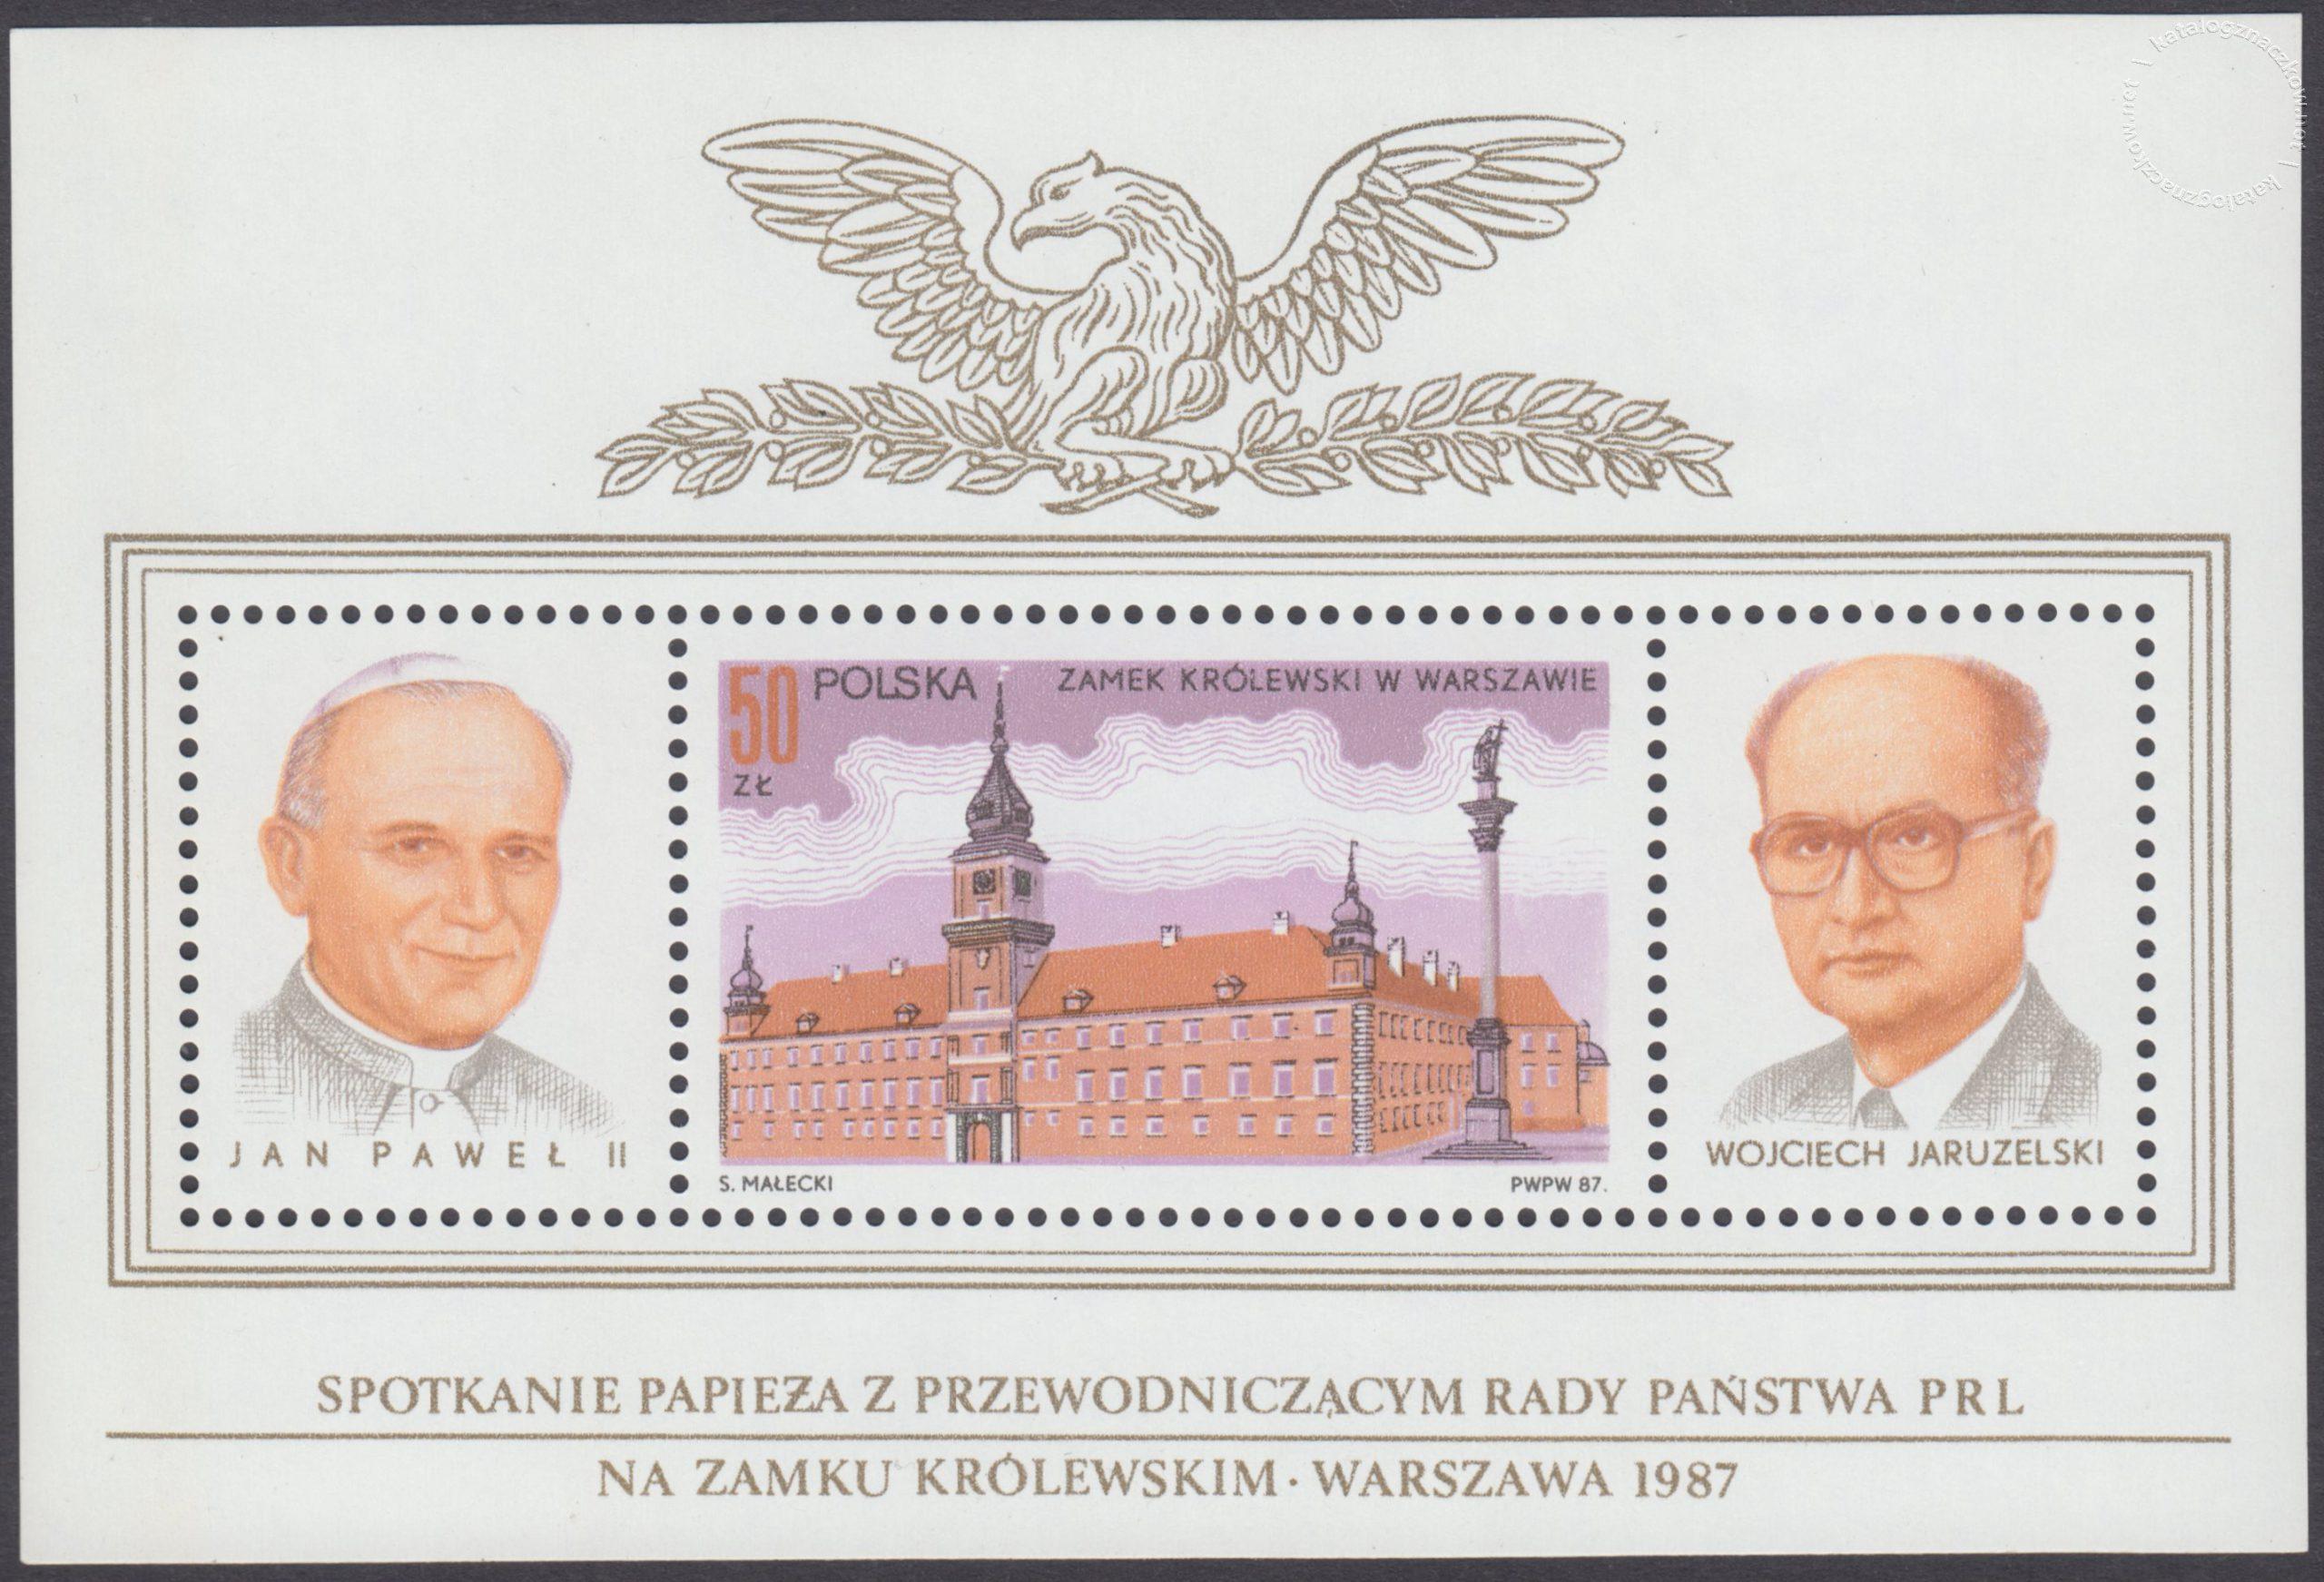 Zamek Królewski. Spotkanie papieża Jana Pawła II z gen W.Jaruzelskim – Blok 88